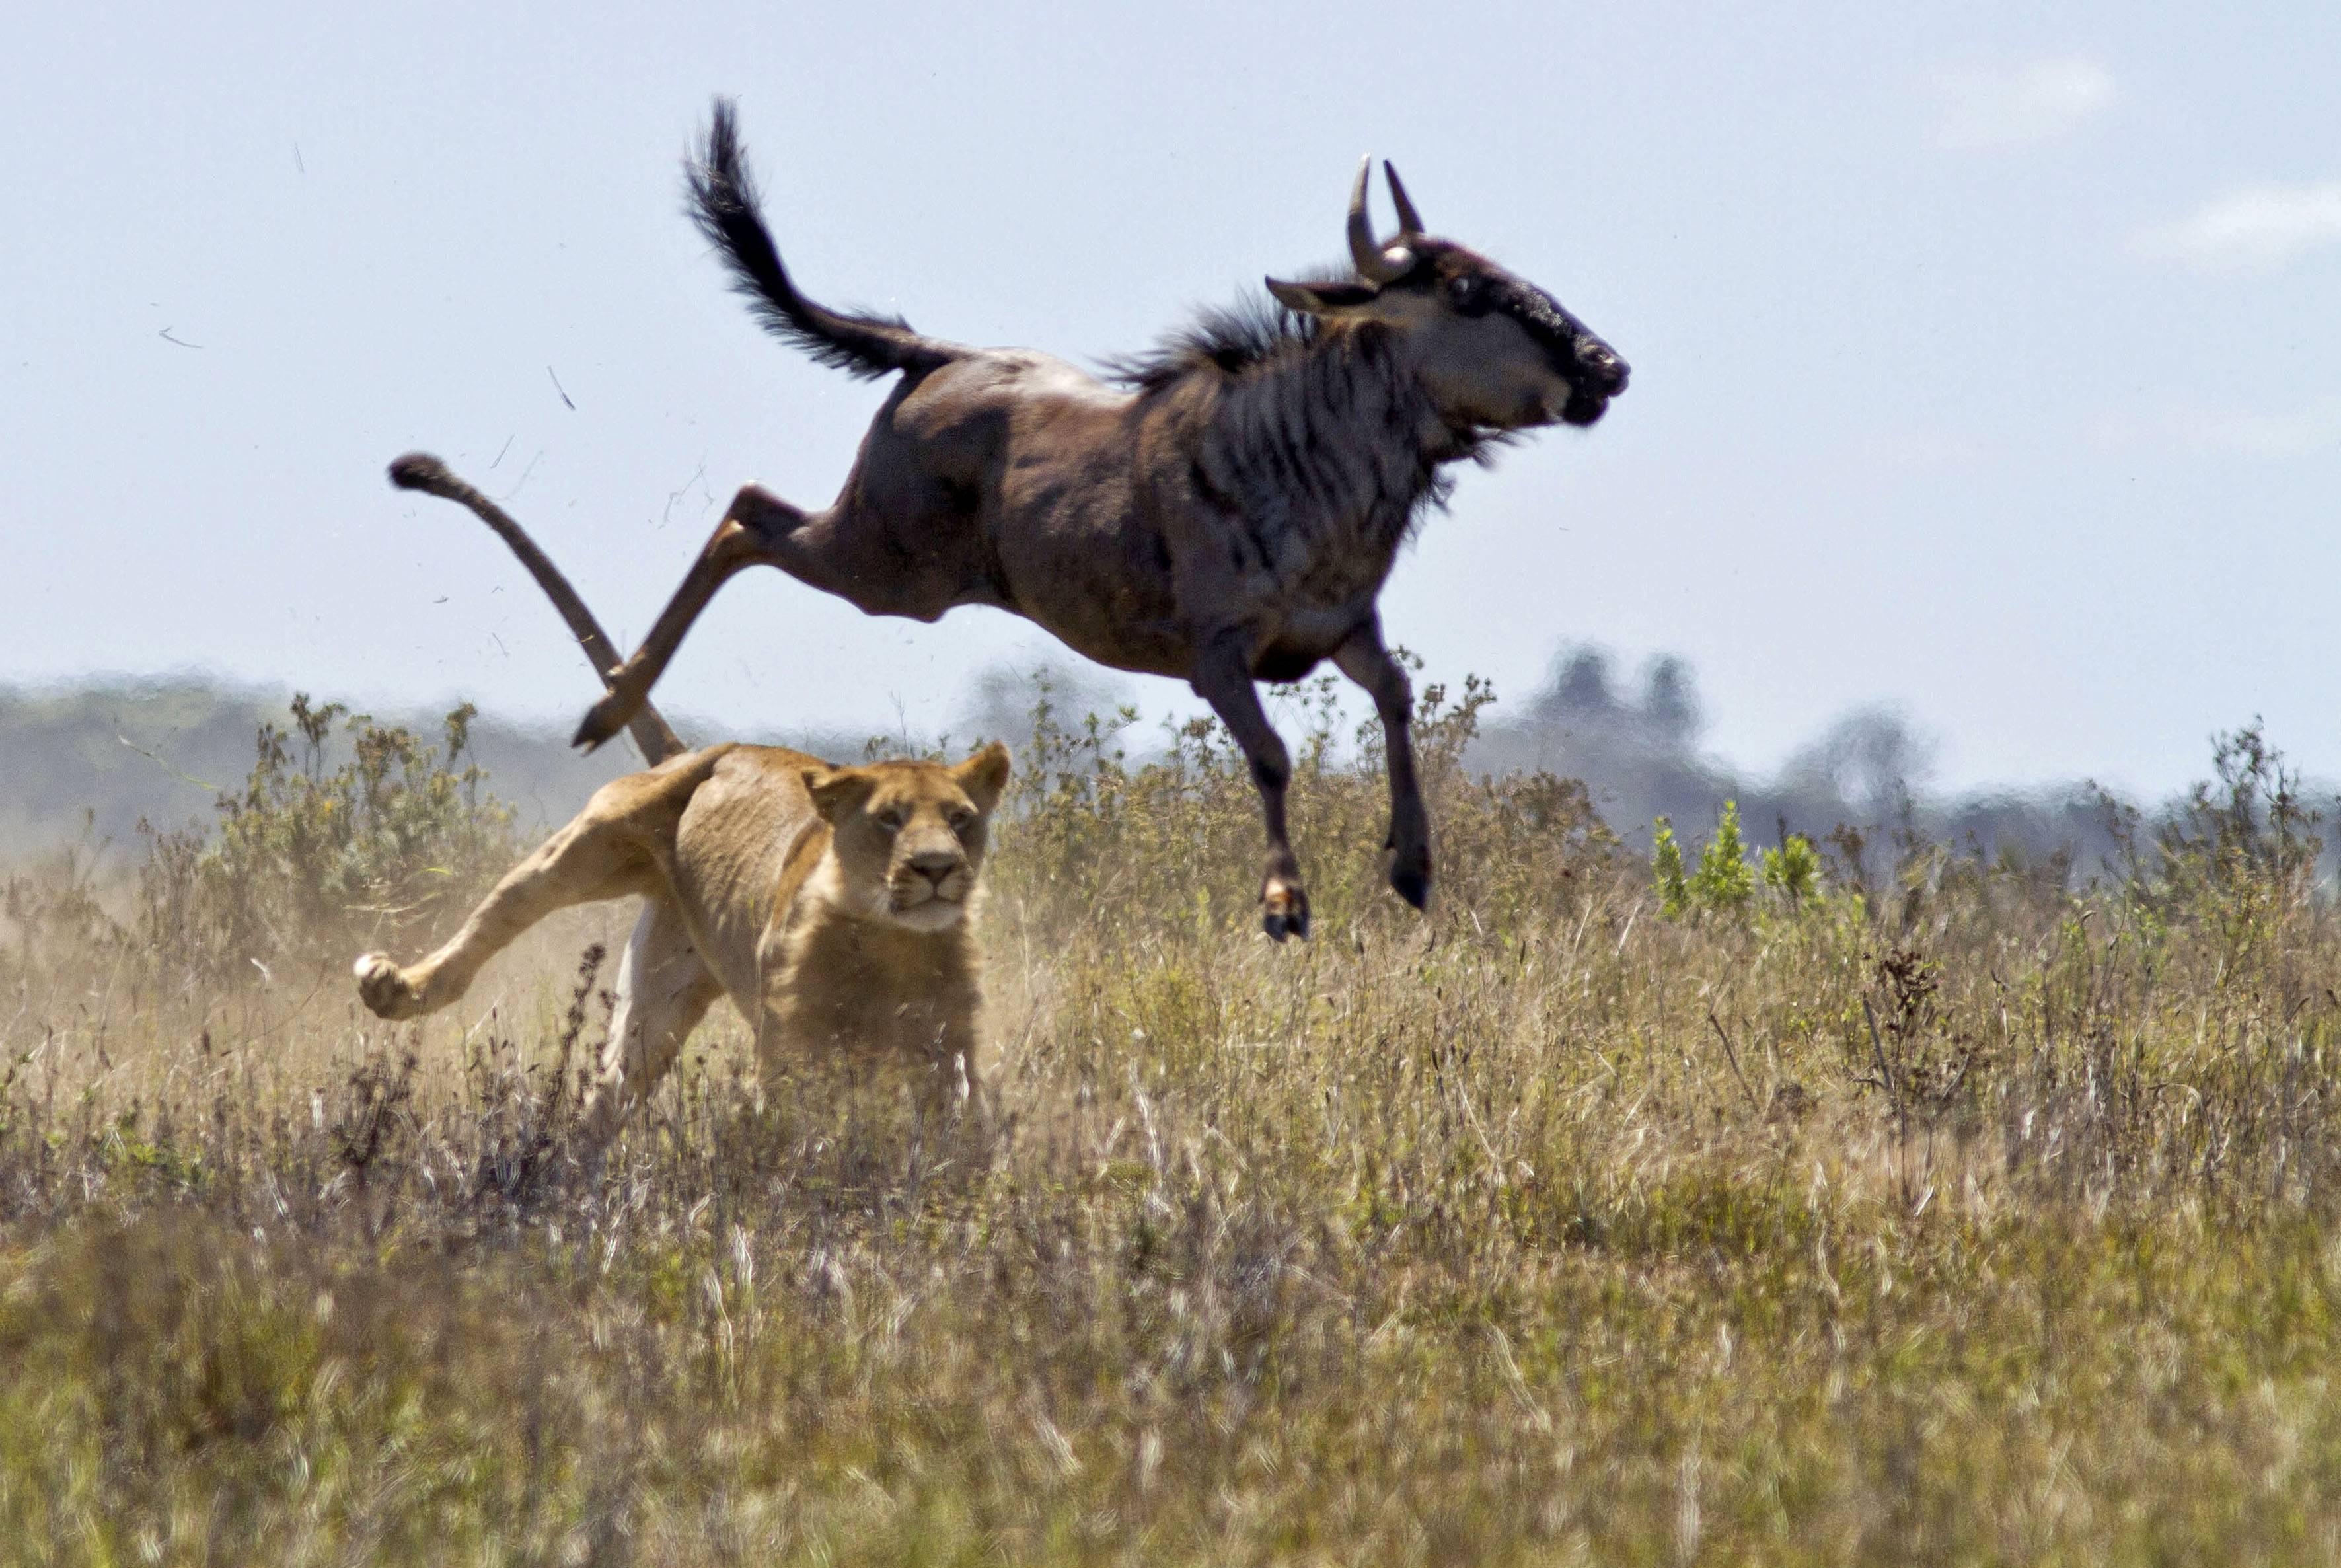 Антилопа животное описание